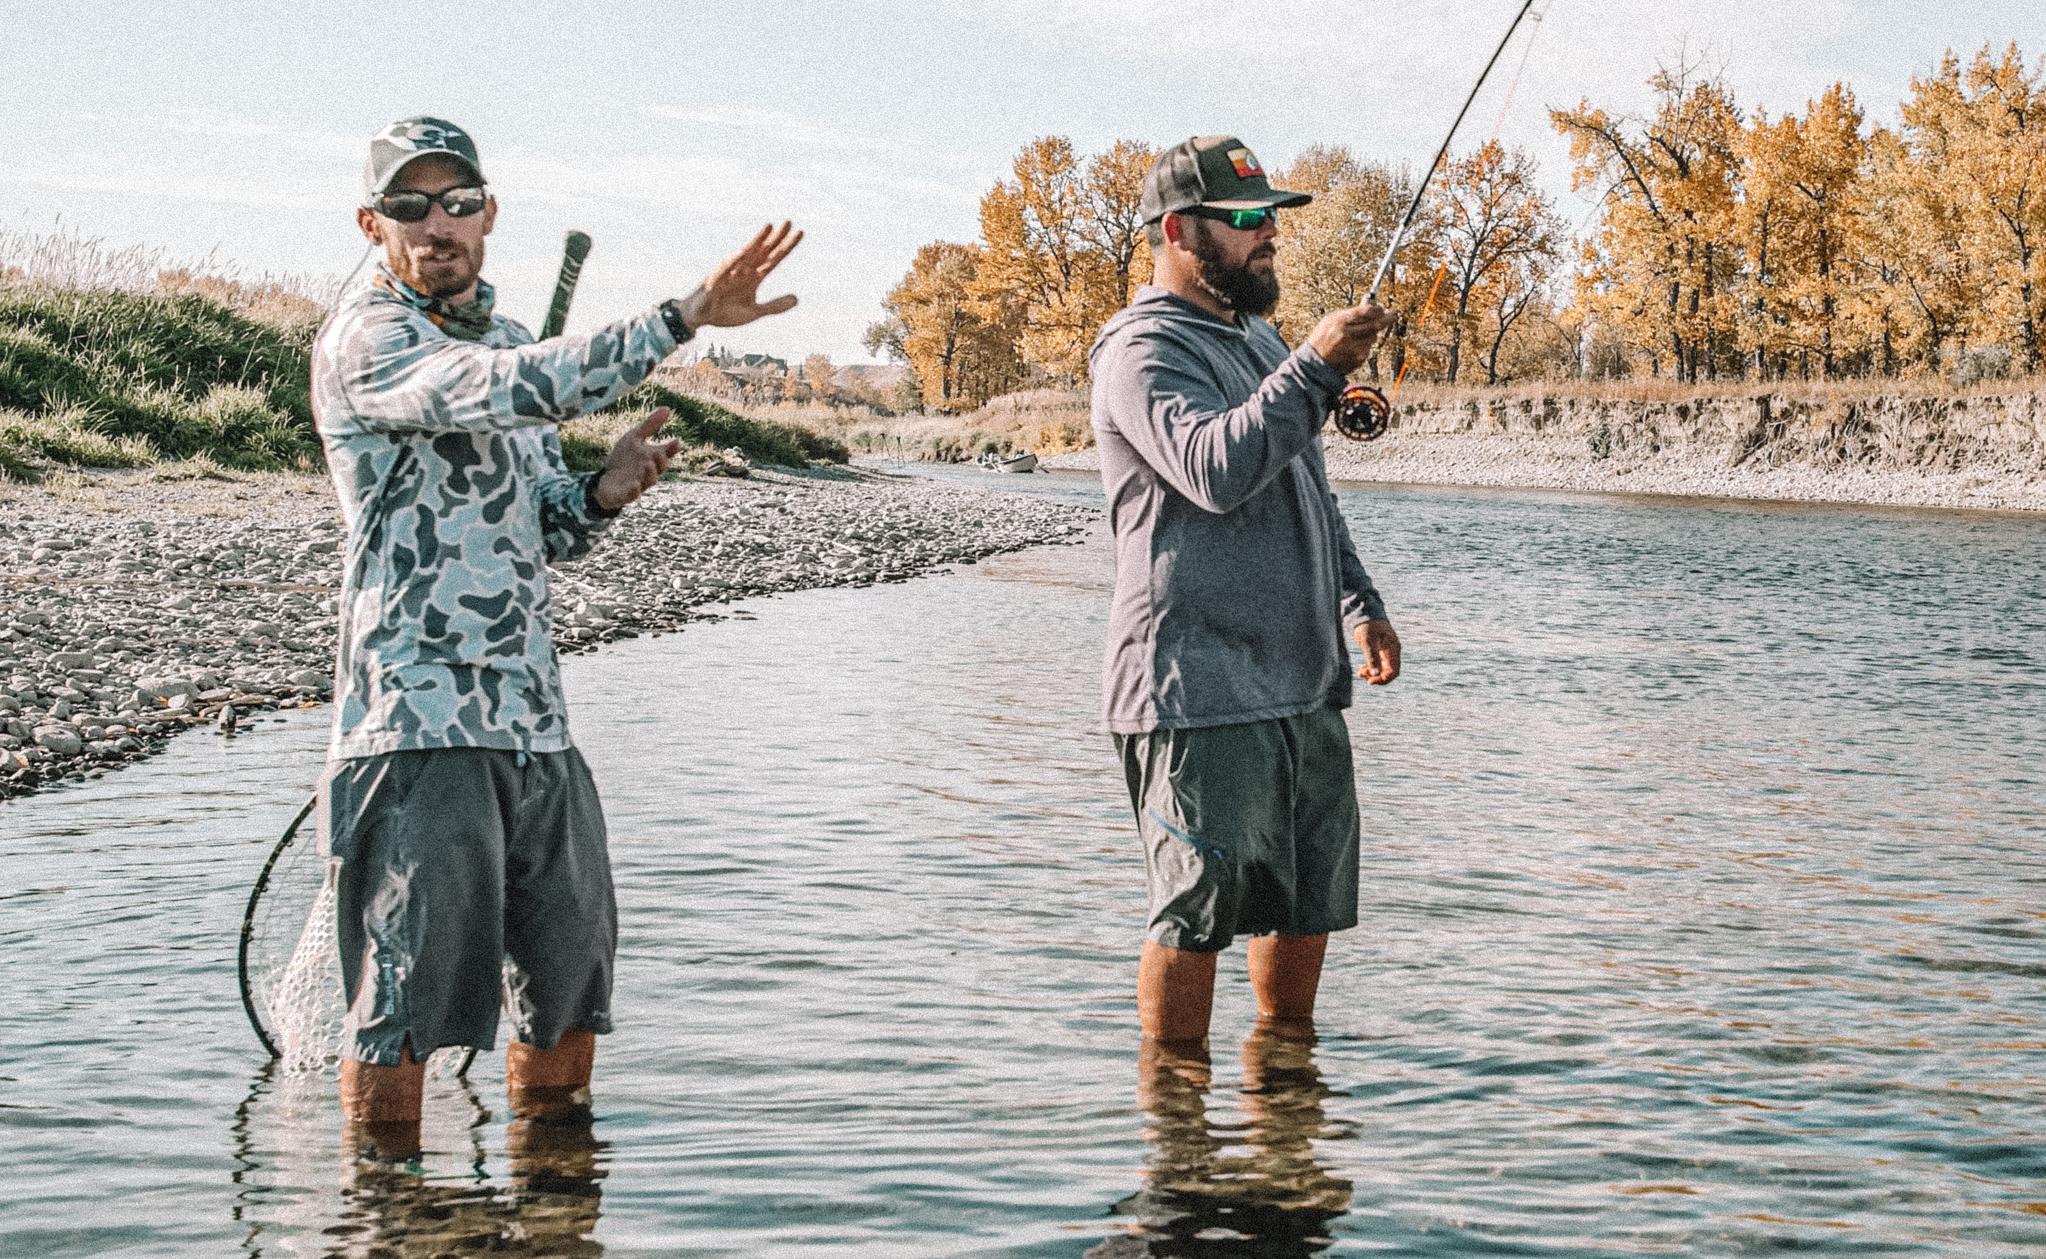 josh_nugent_sight_fishing